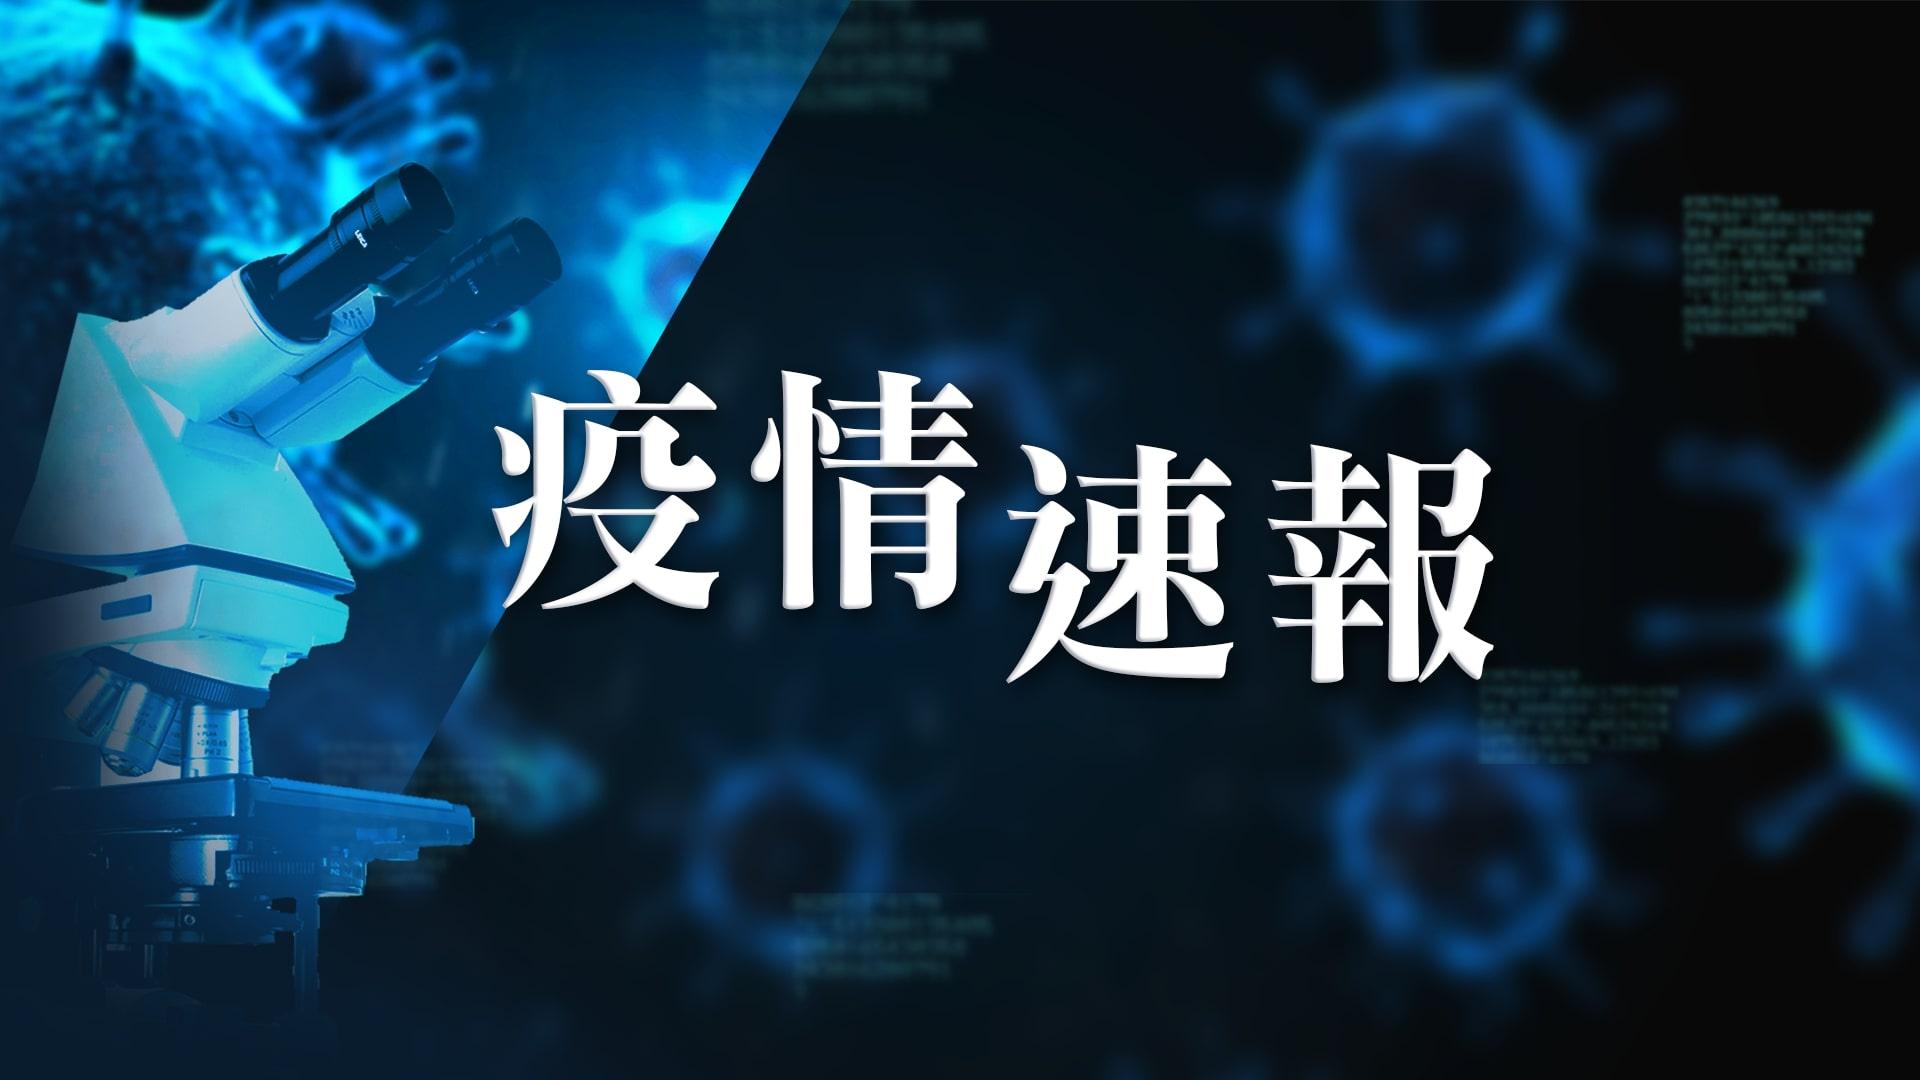 【10月5日疫情速報】(23:00)